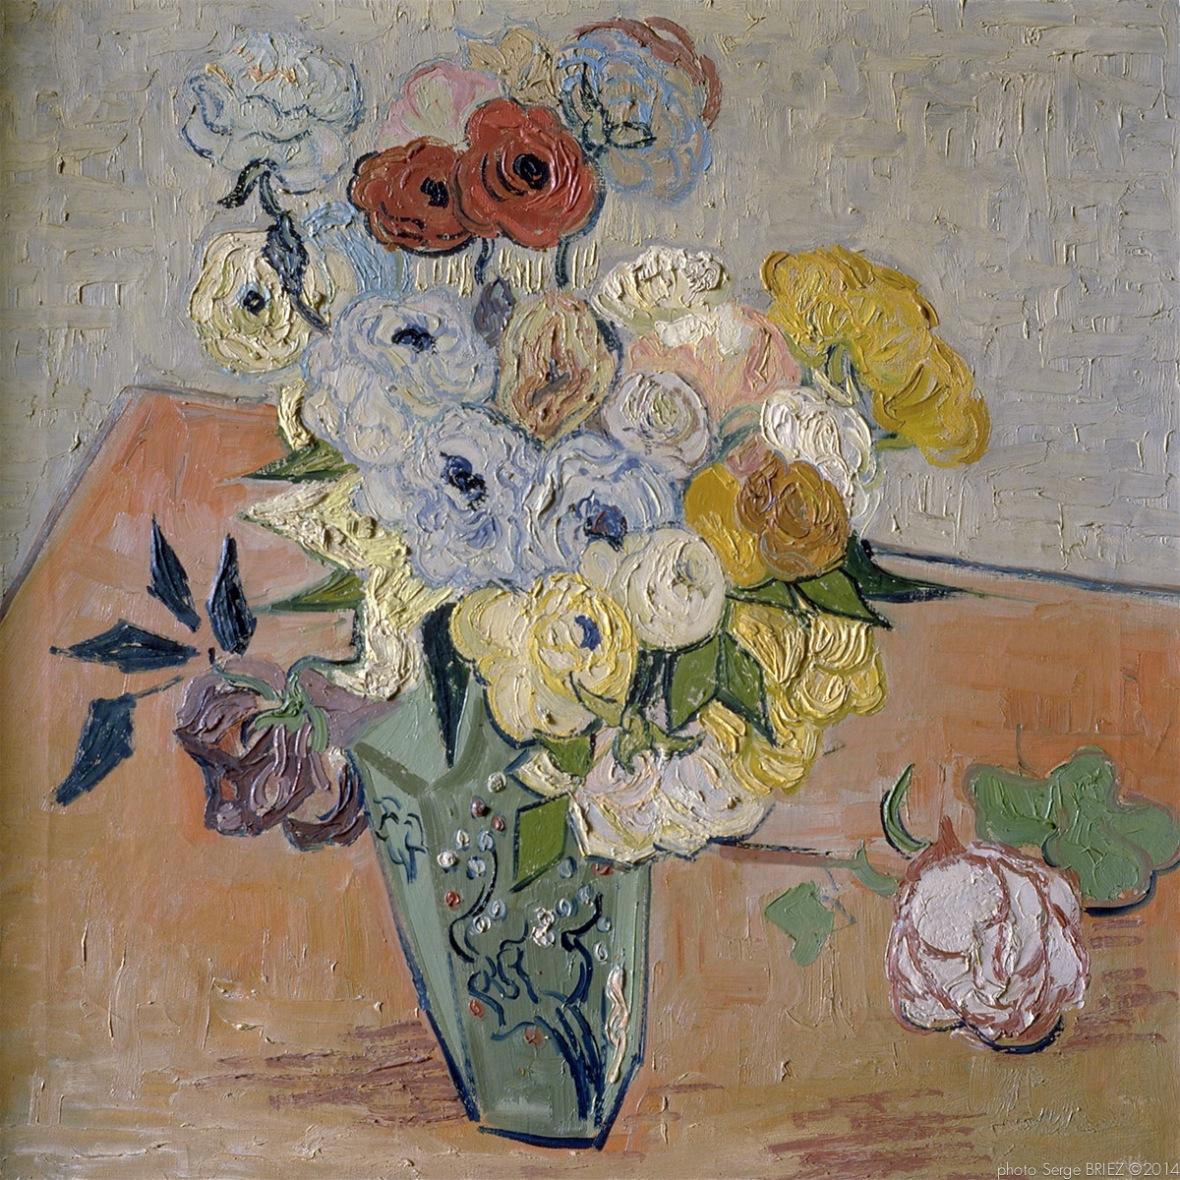 Japanese Vase, Roses et anémones, Auvers-sur-Oise, juin 1890, Van gogh's painting photographed by Serge Briez, ©2014 Cap médiations